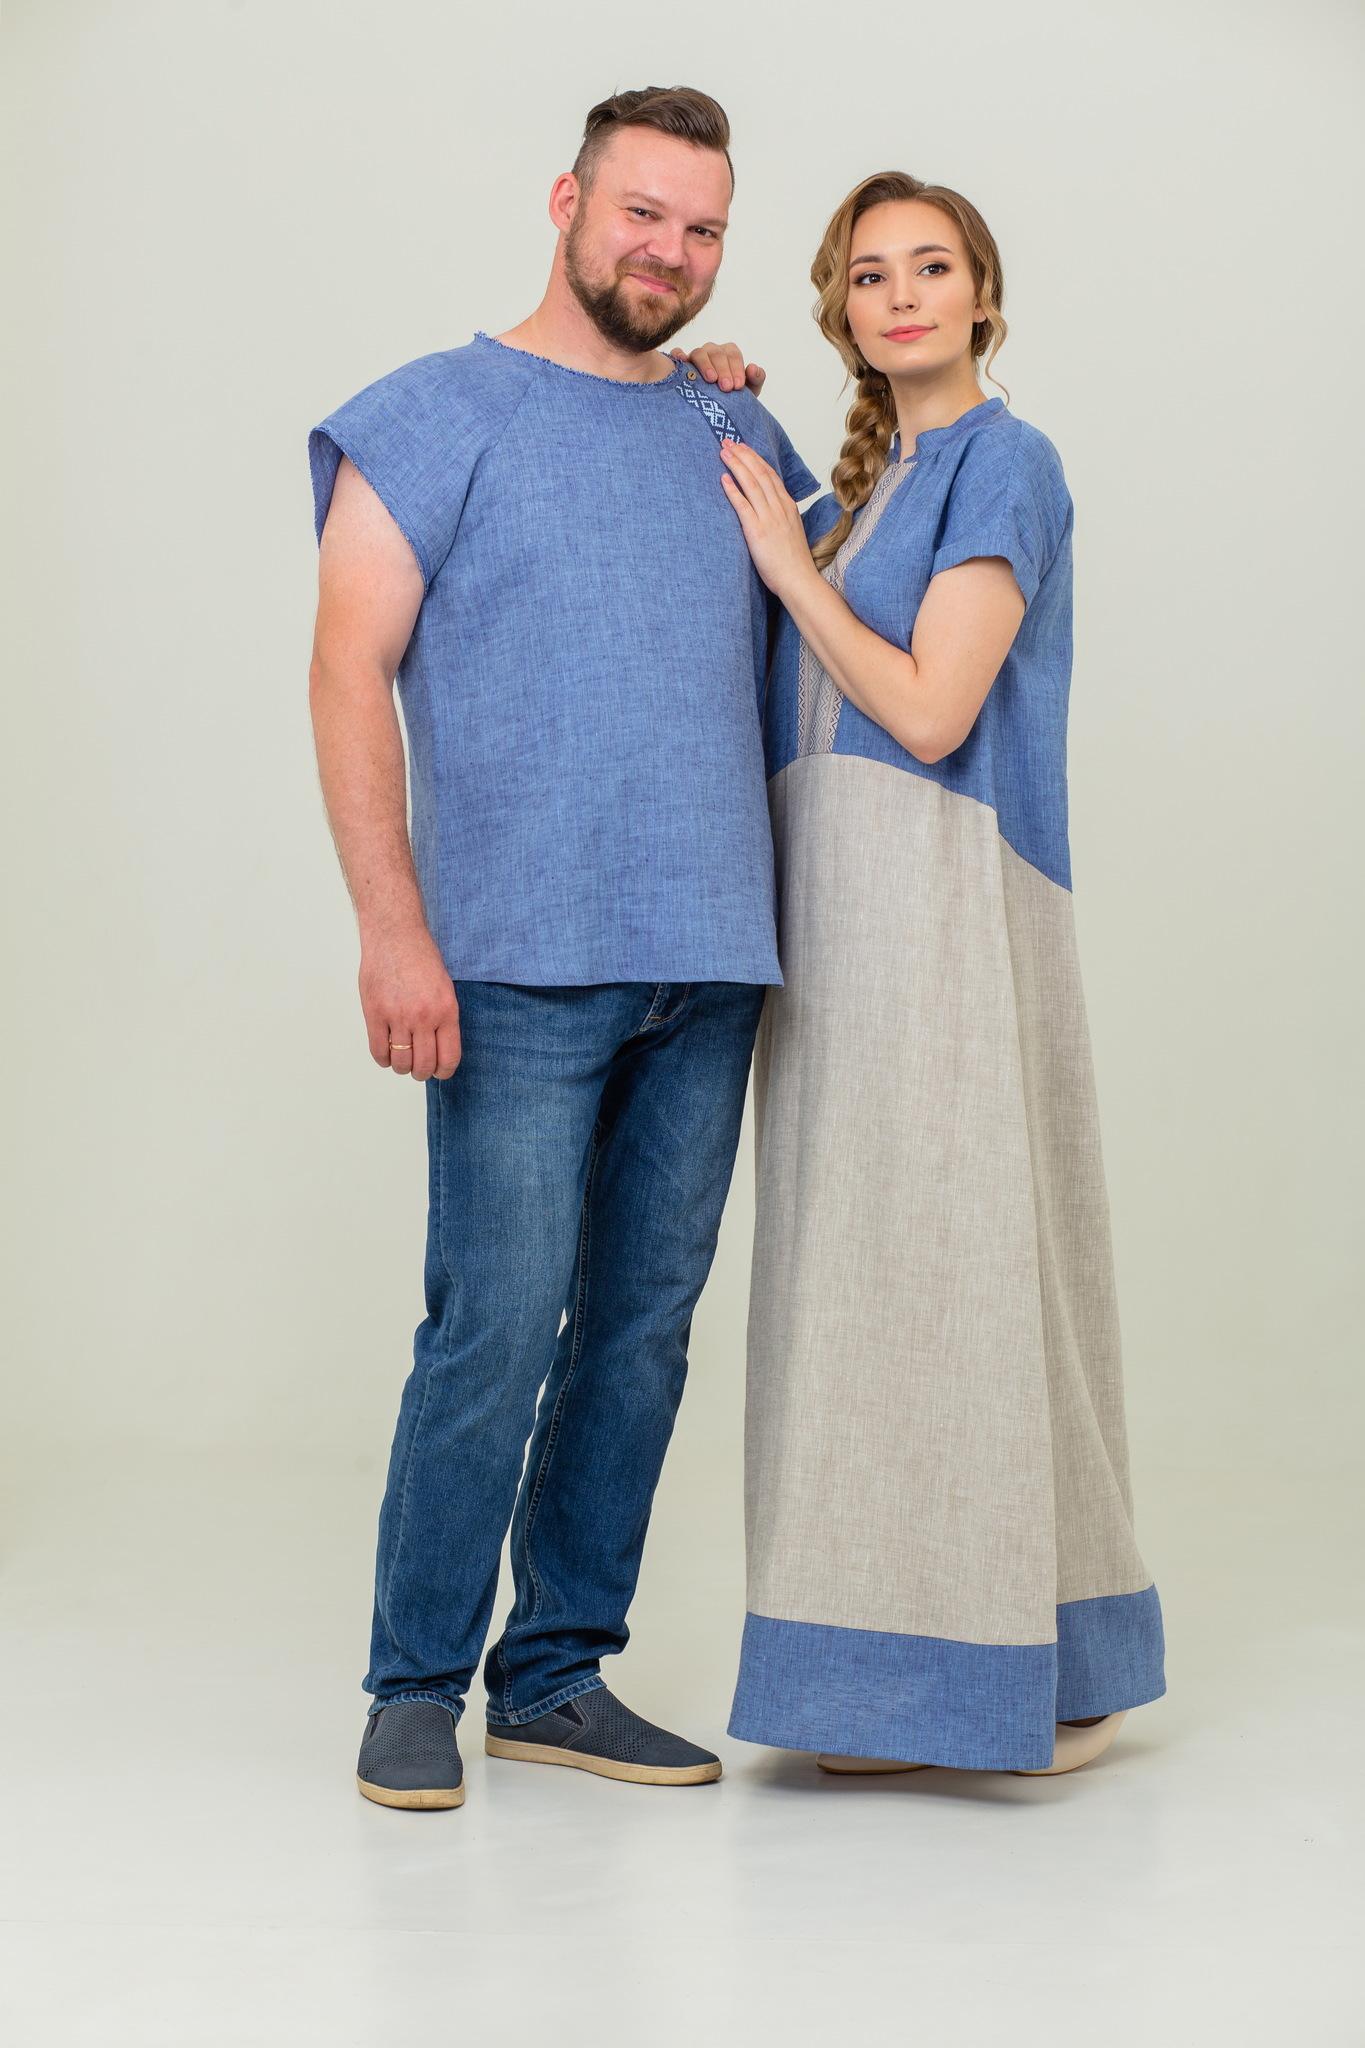 Мужская льняная футболка Богатырская и платье в русском стиле Морской песок